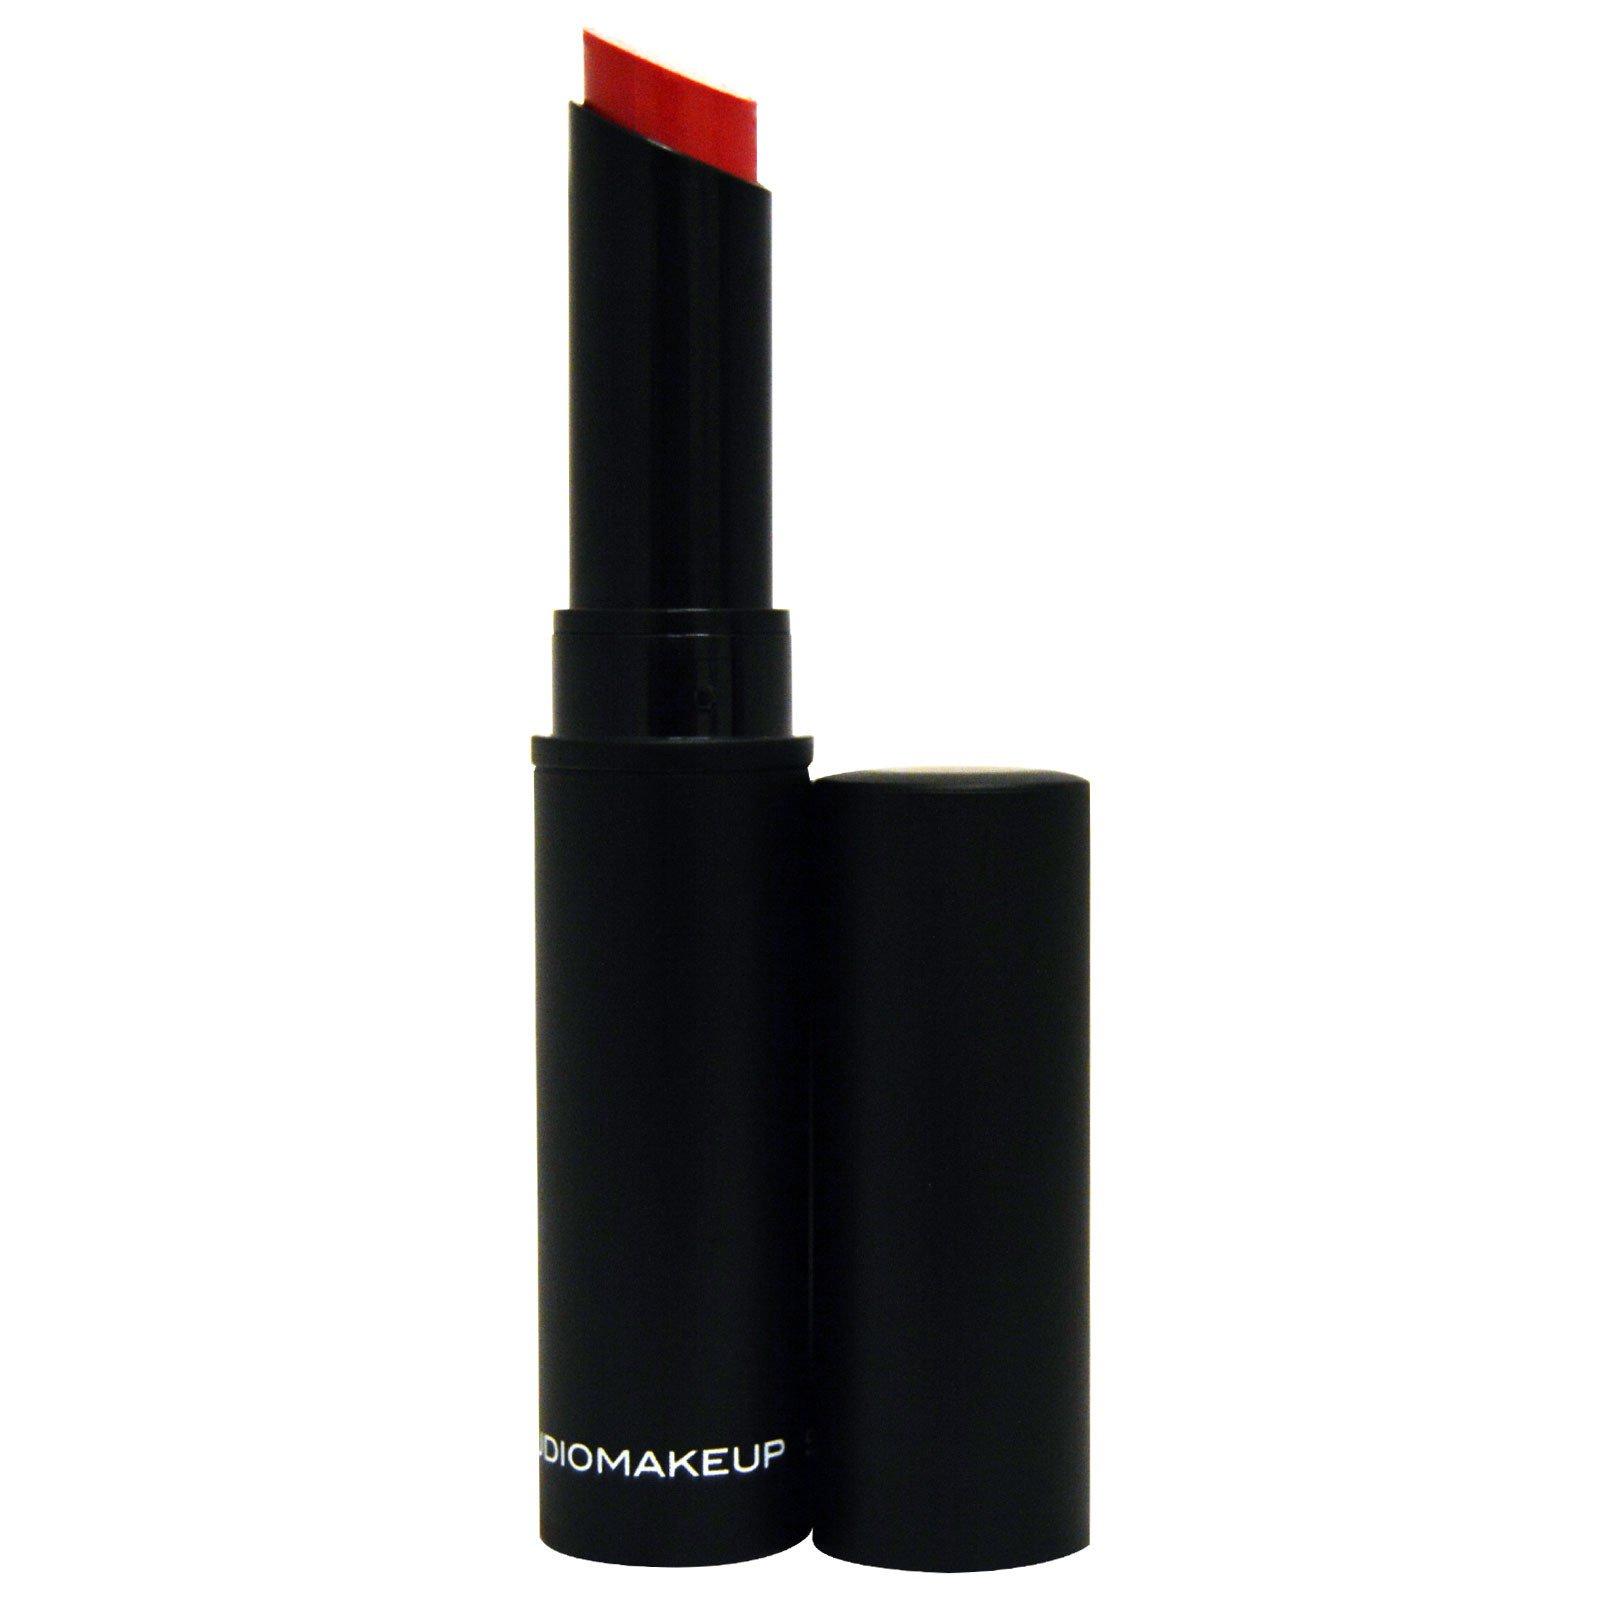 Studio Makeup, Бархатная помада, Знаменитый розовый, 0,08 унции (2,5 г)